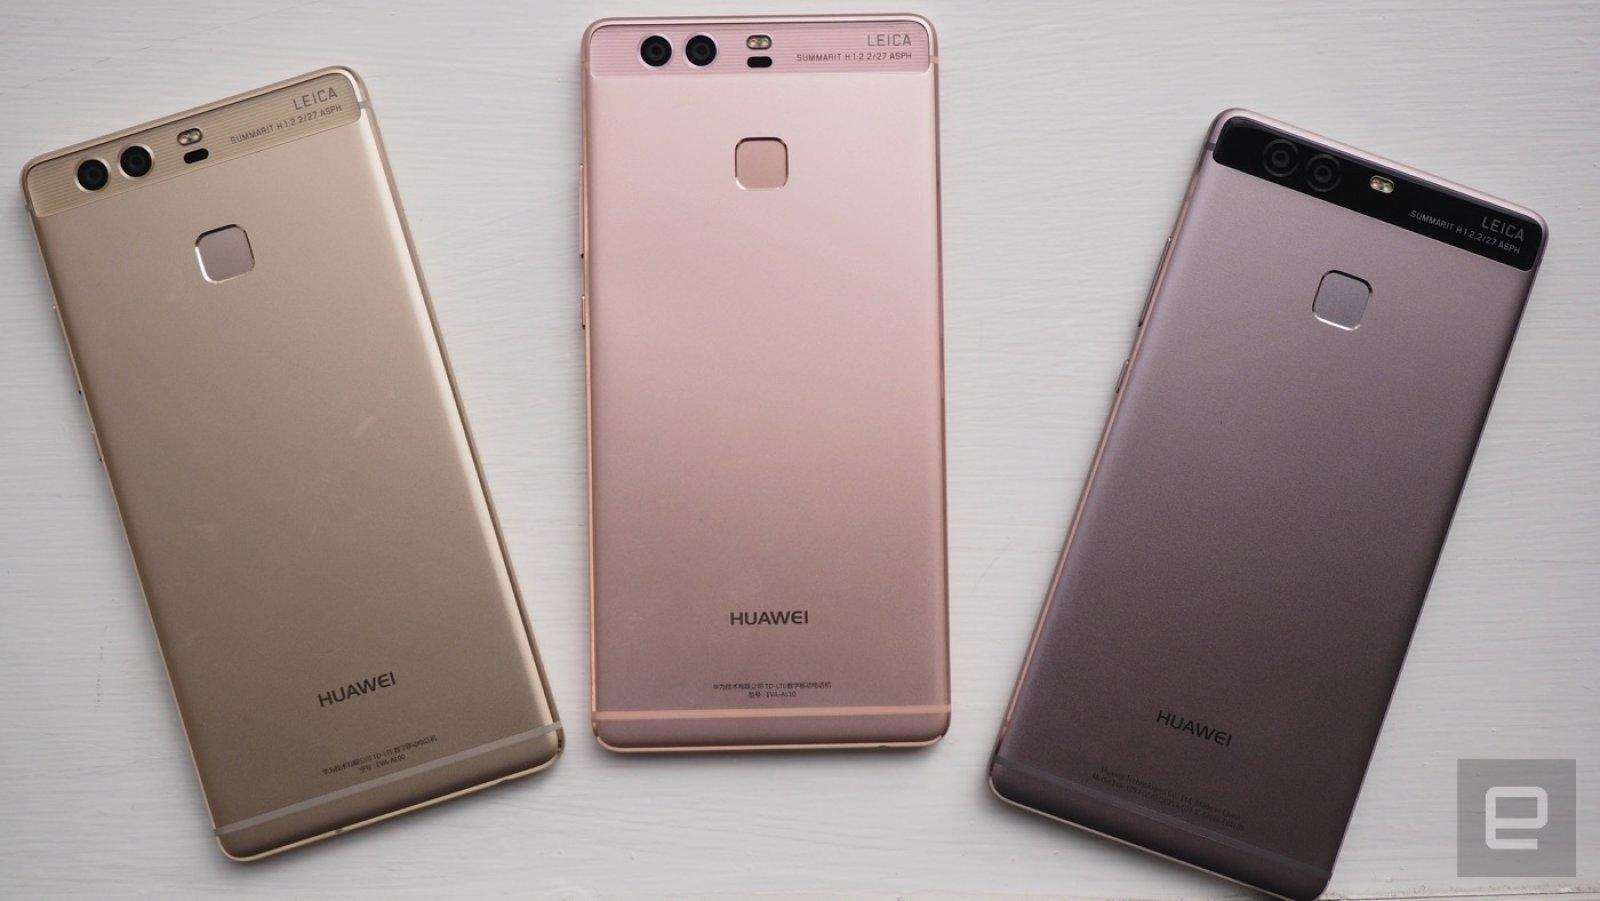 Las agencias de inteligencia estadounidenses recomiendan evitar los teléfonos Huawei